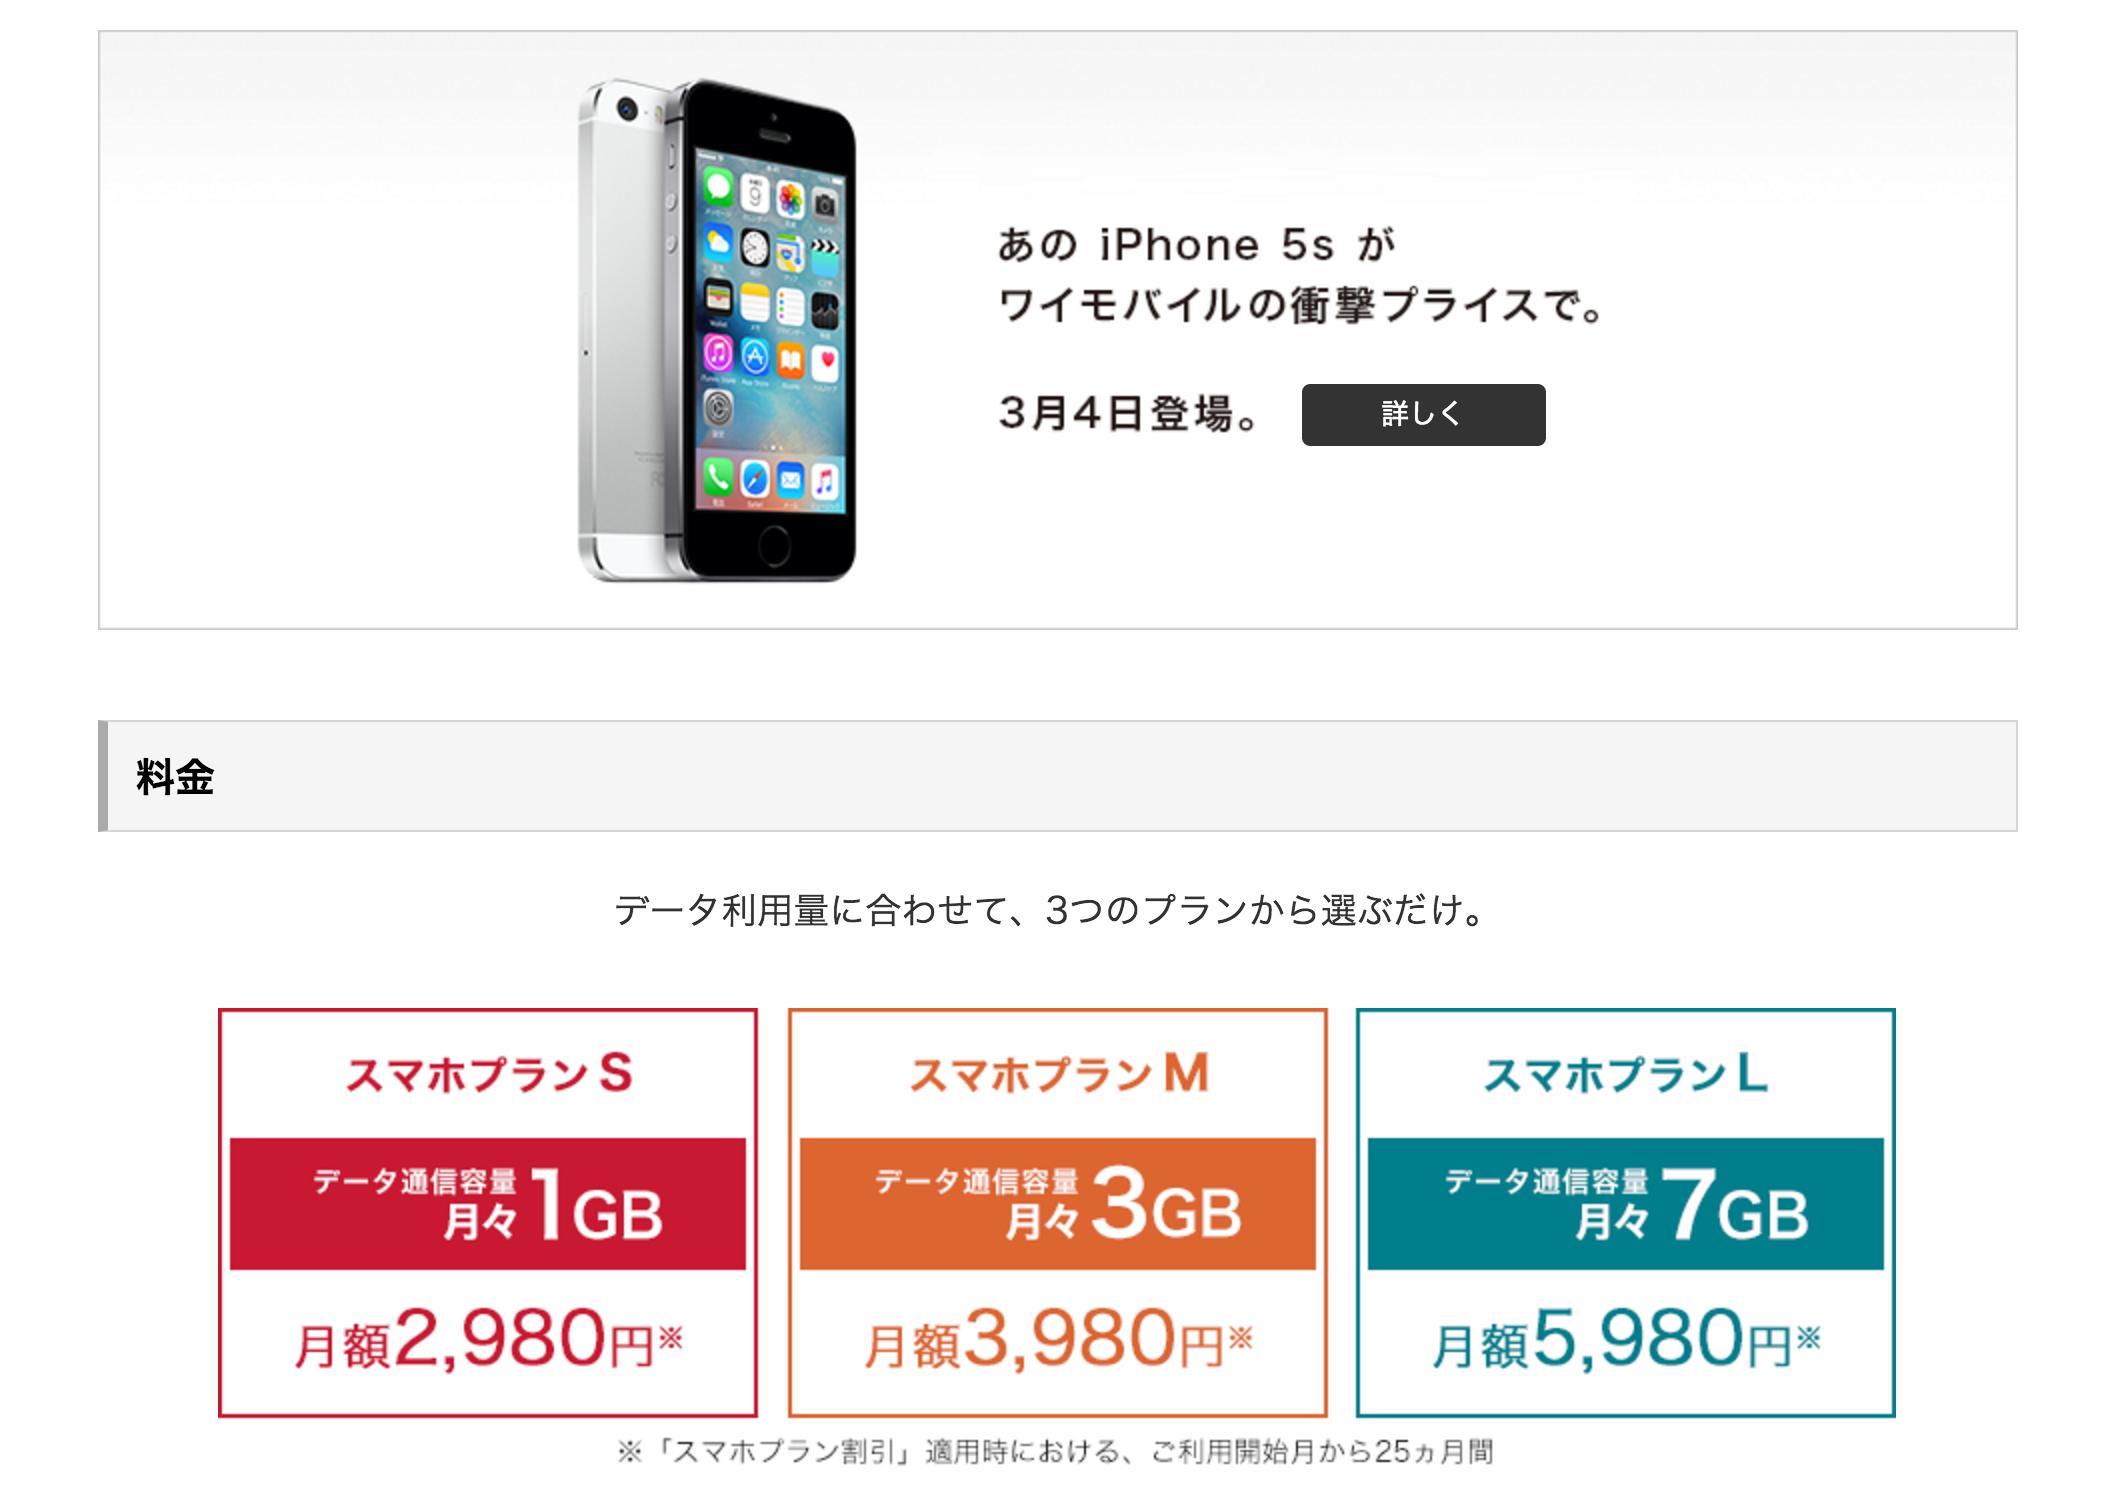 iPhone 5Sを月額2,980円から利用できるならOKじゃない?